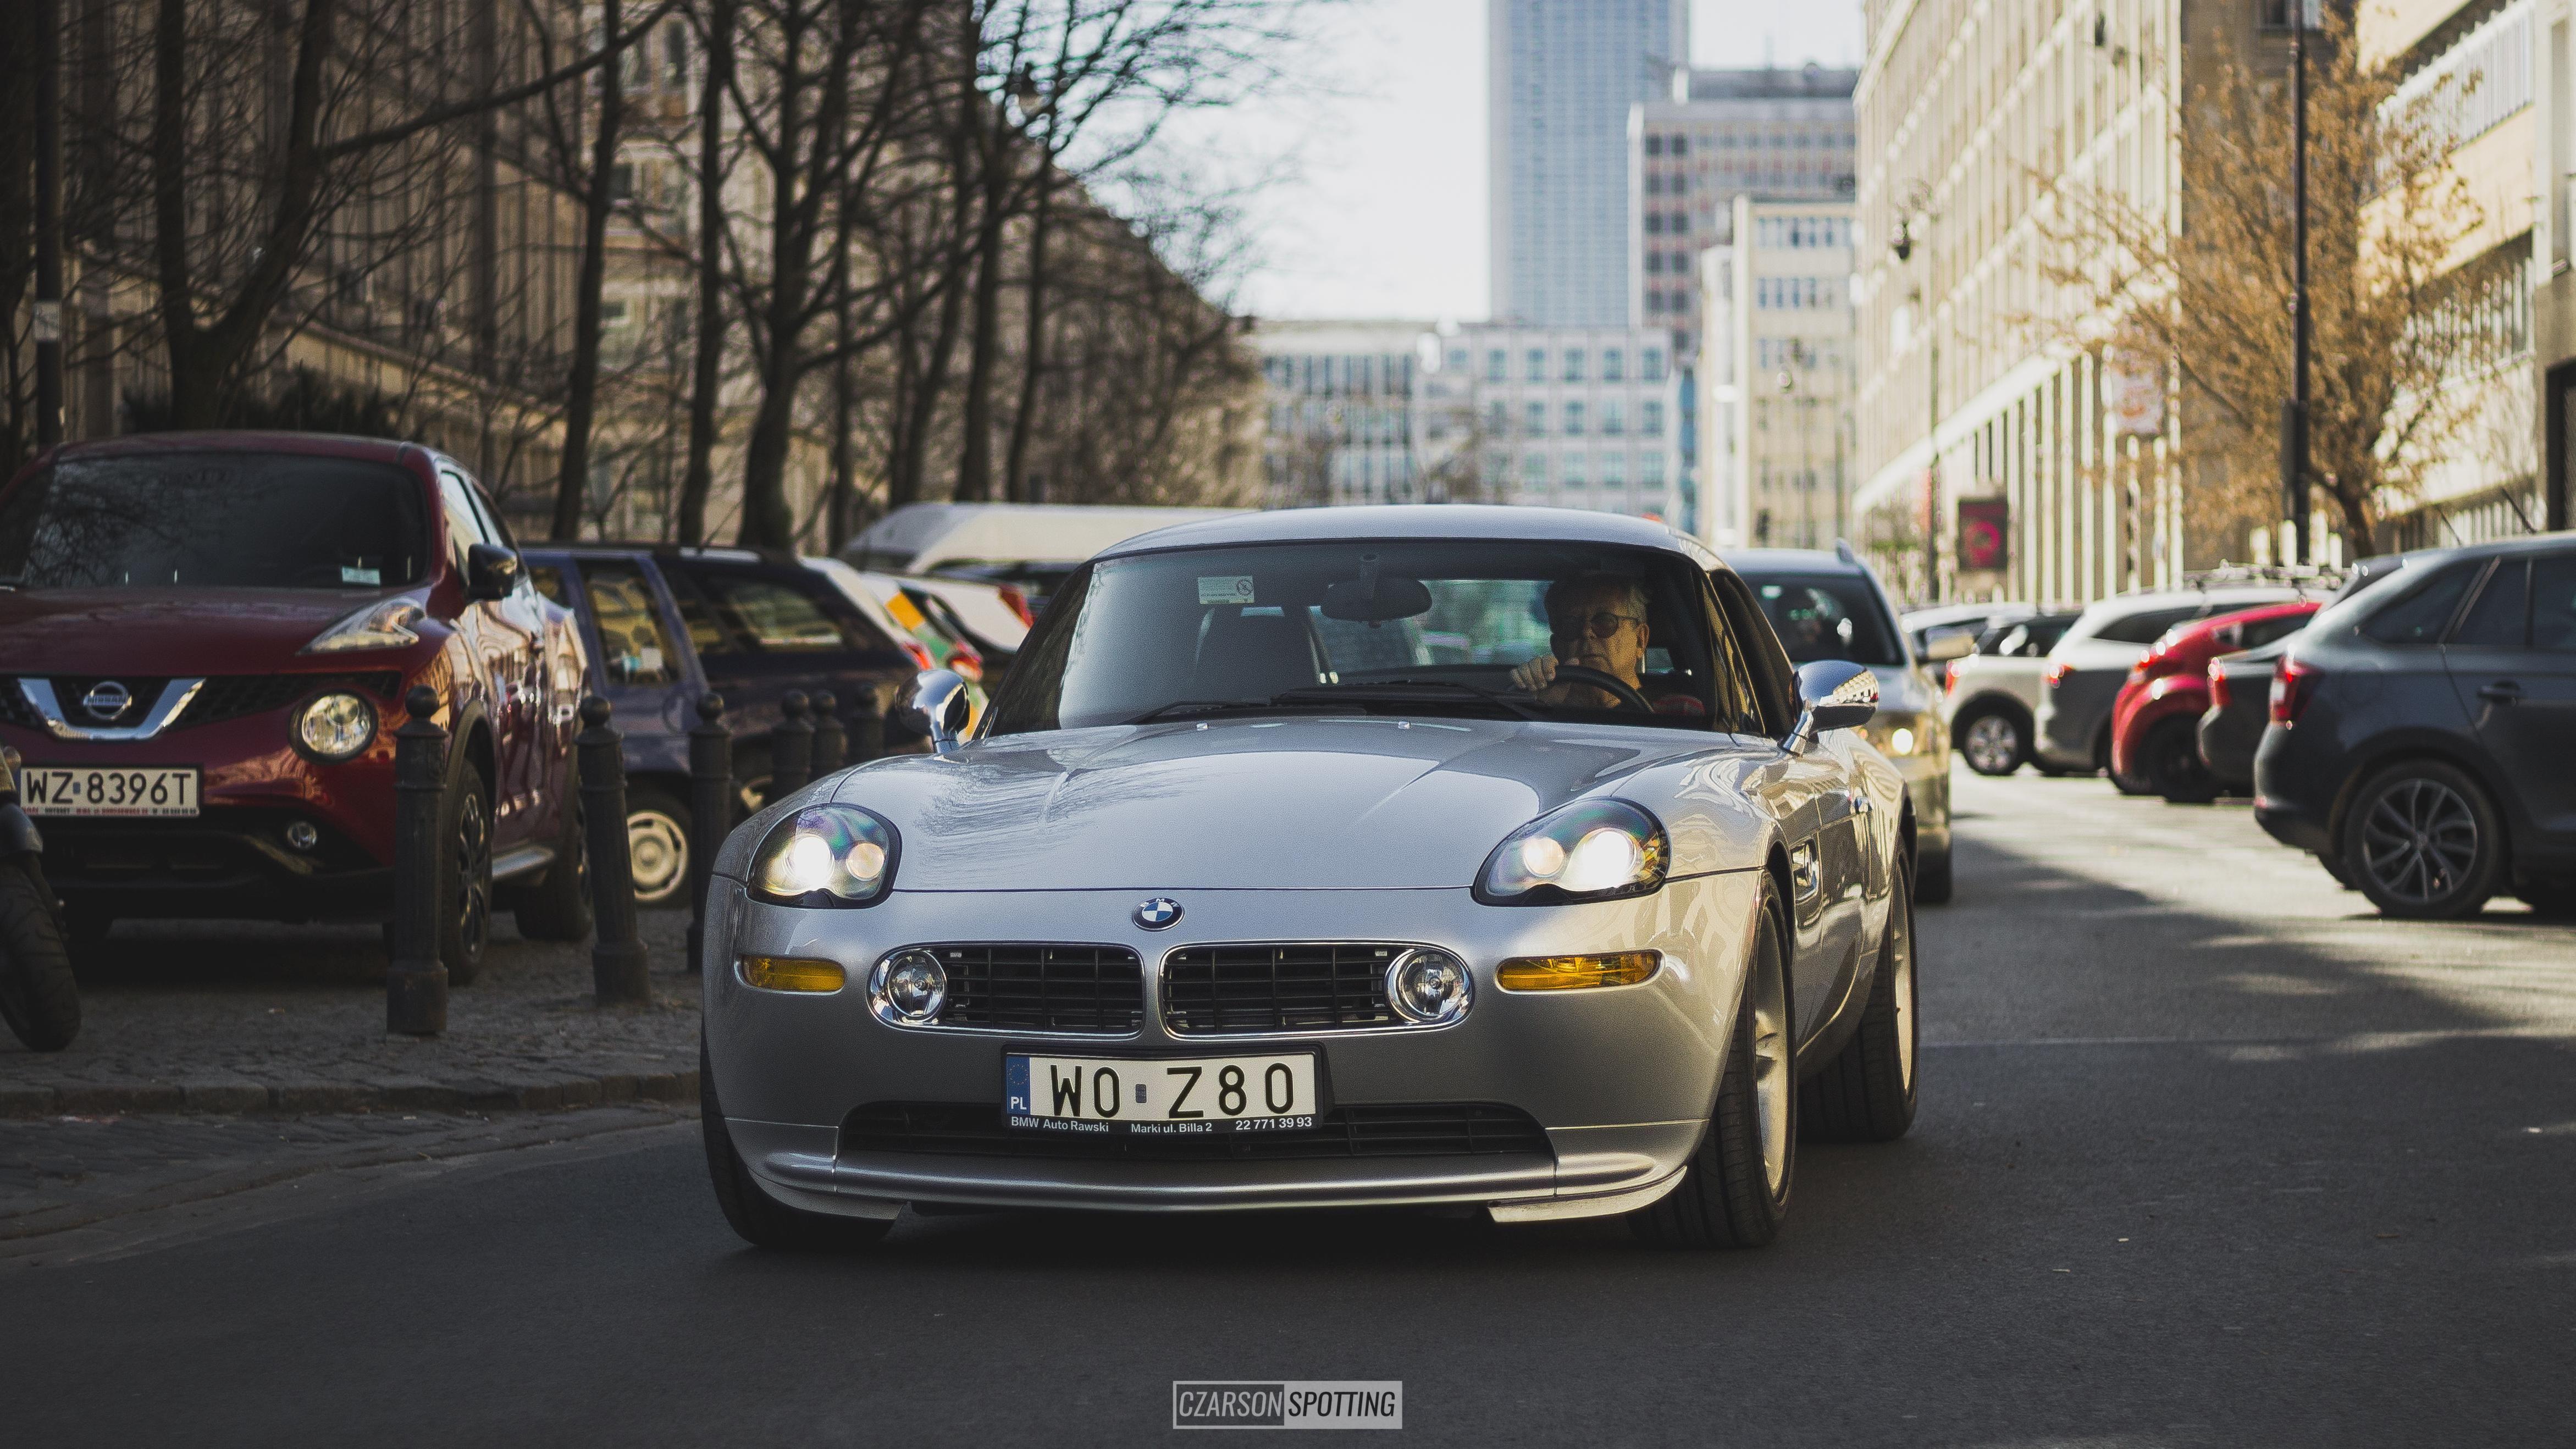 BMW Z8 [OC] | Bmw z8, Bmw, Luxury cars